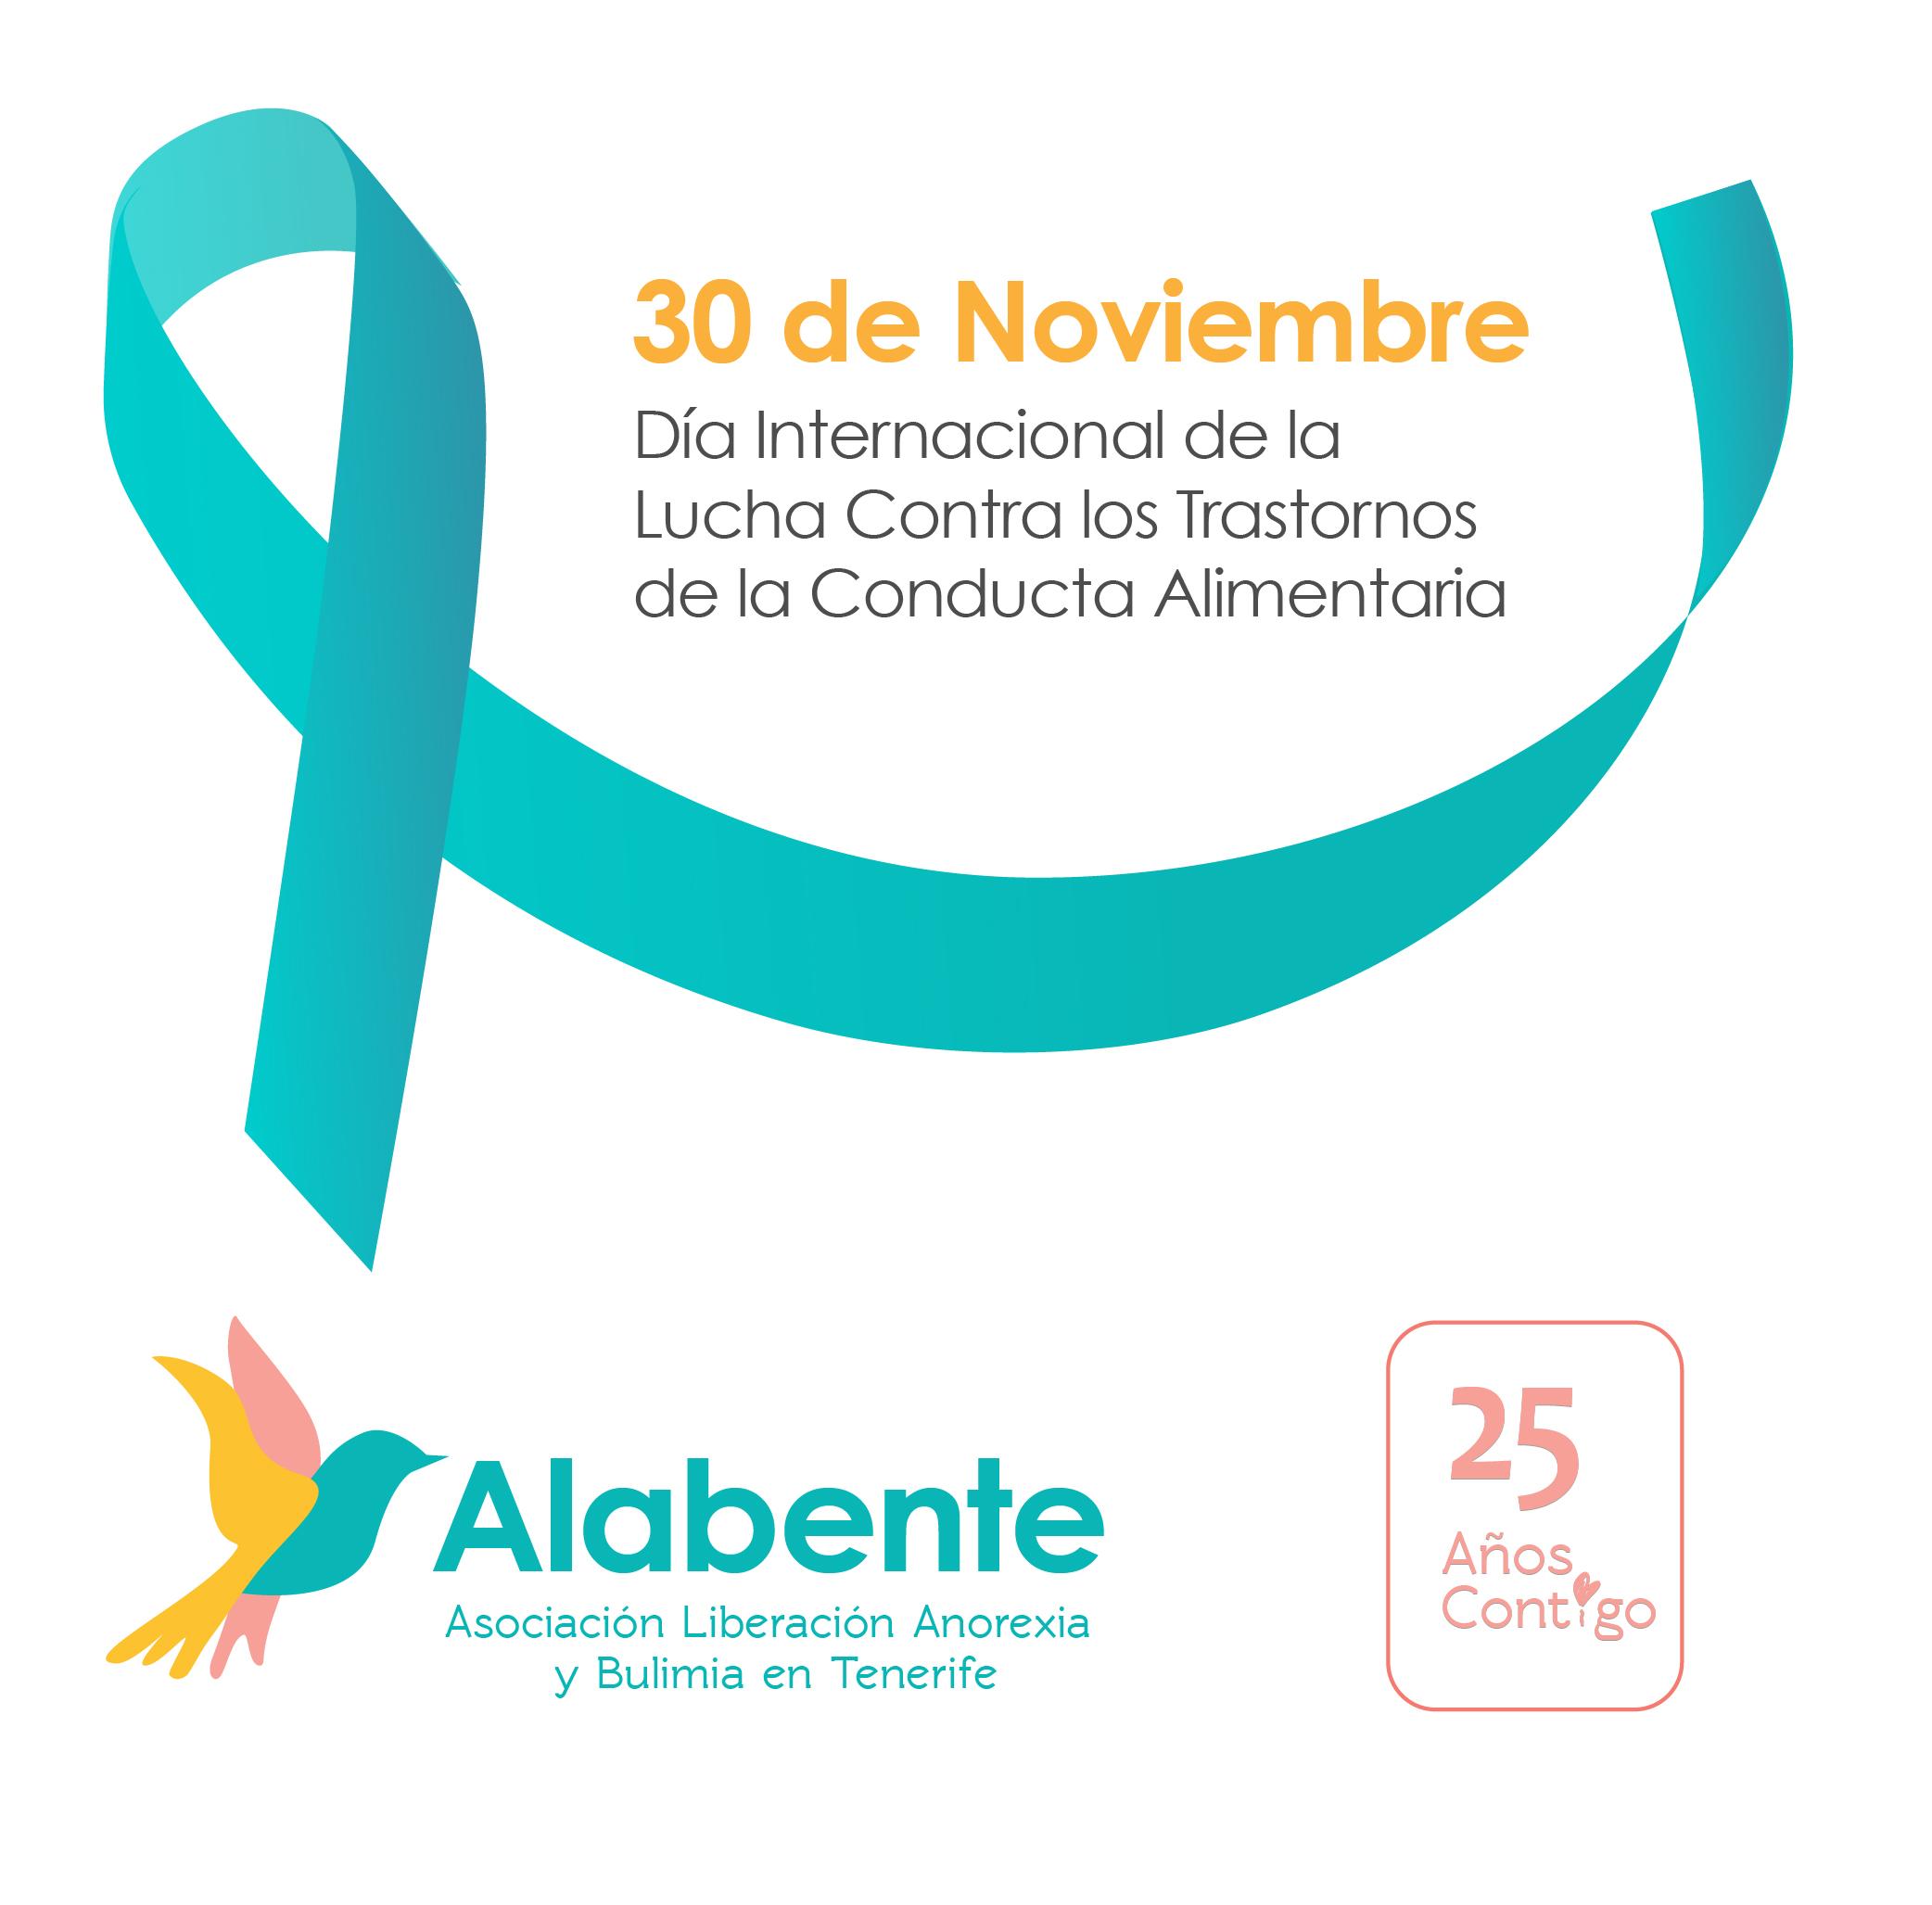 30 de noviembre: Día Internacional de la Lucha Contra los Trastornos de la Conducta Alimentaria.